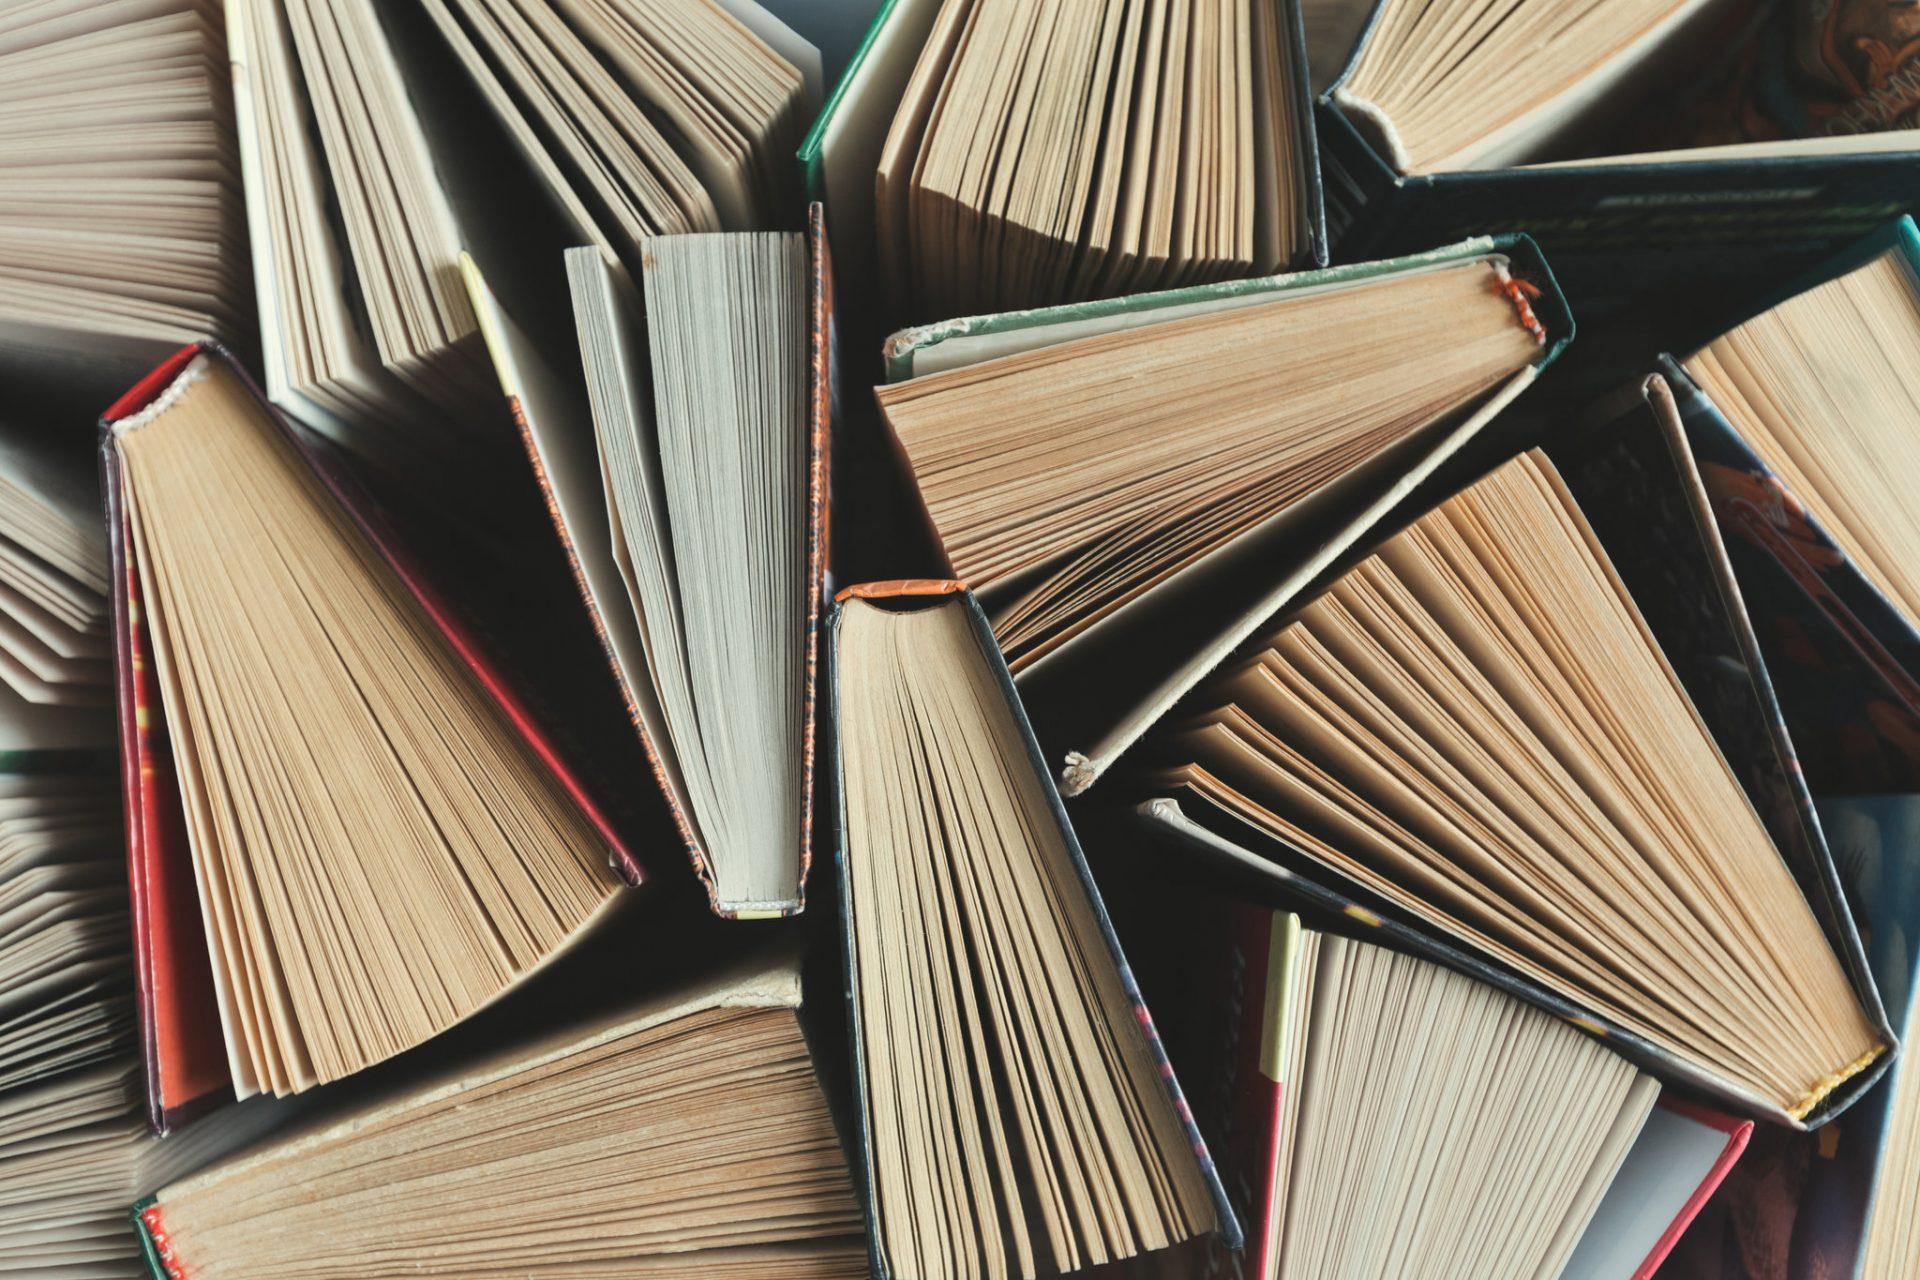 Springer libera cerca de 1500 livros técnicos gratuitos para download durante a quarentena